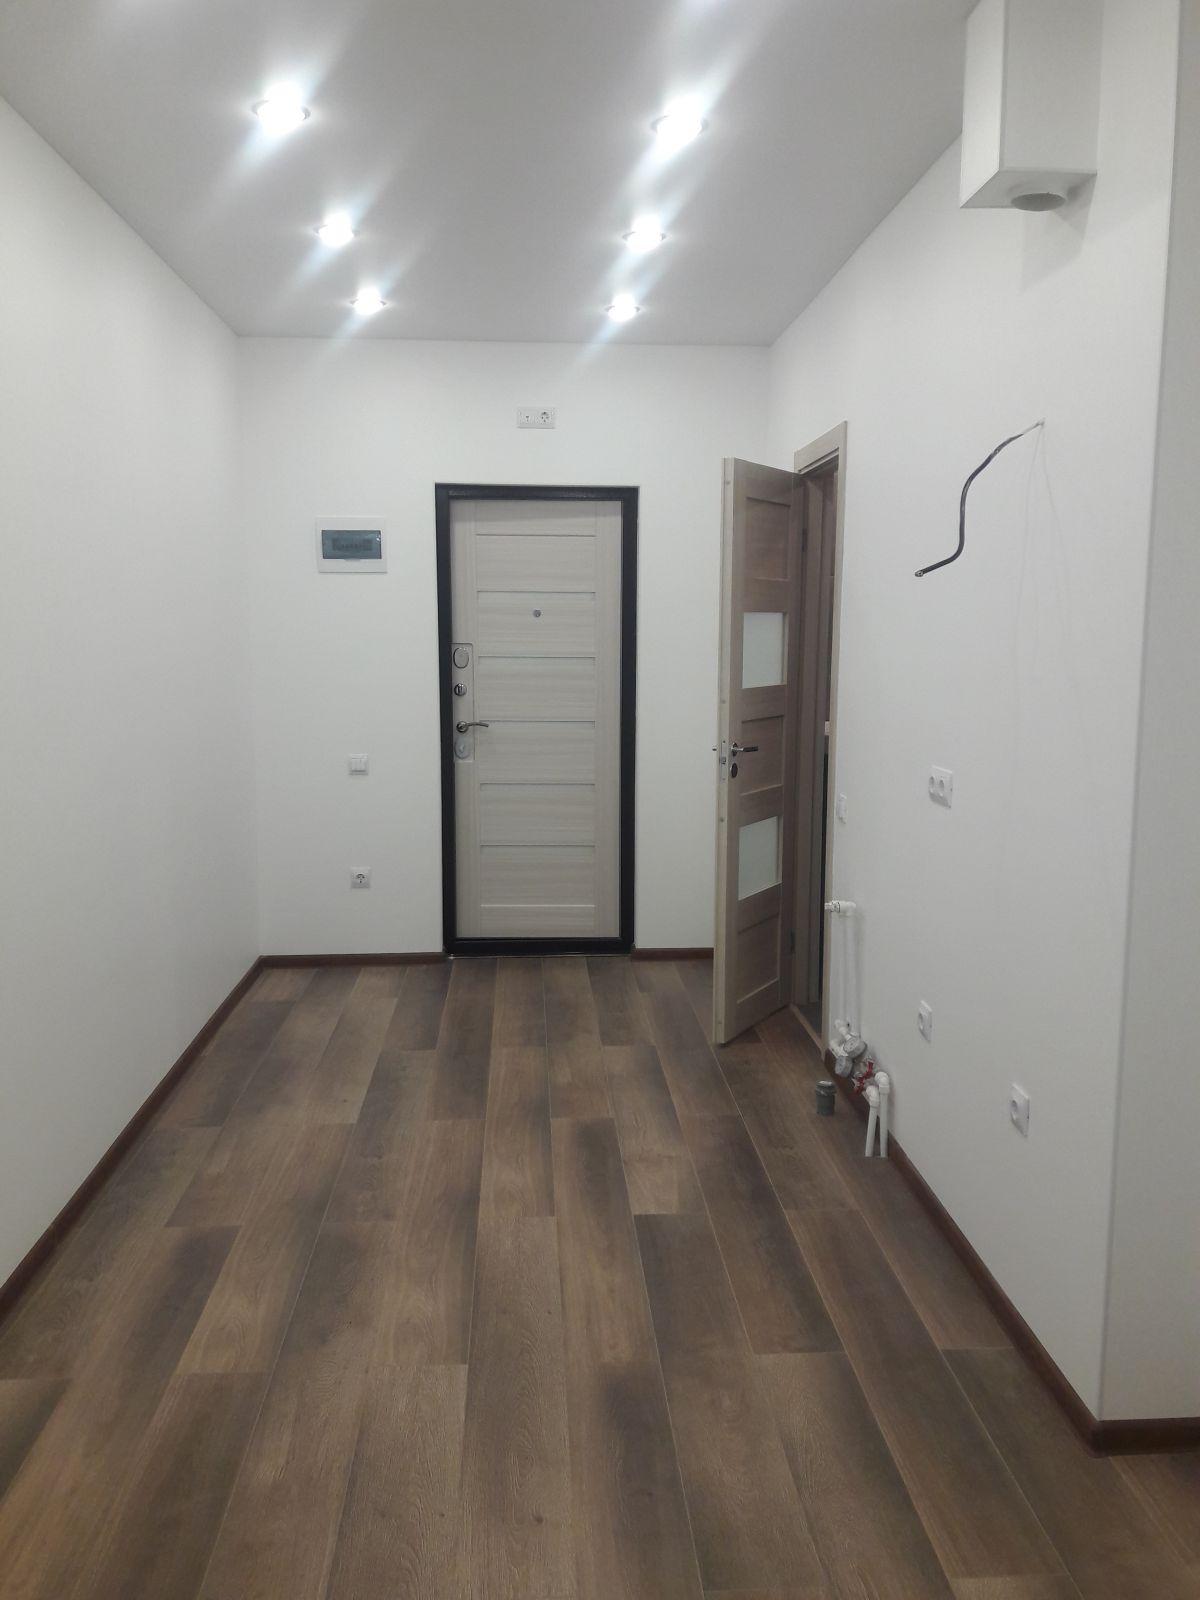 Комната на продажу по адресу Россия, Санкт-Петербург, Санкт-Петербург, 9-я В.О. линия, 48